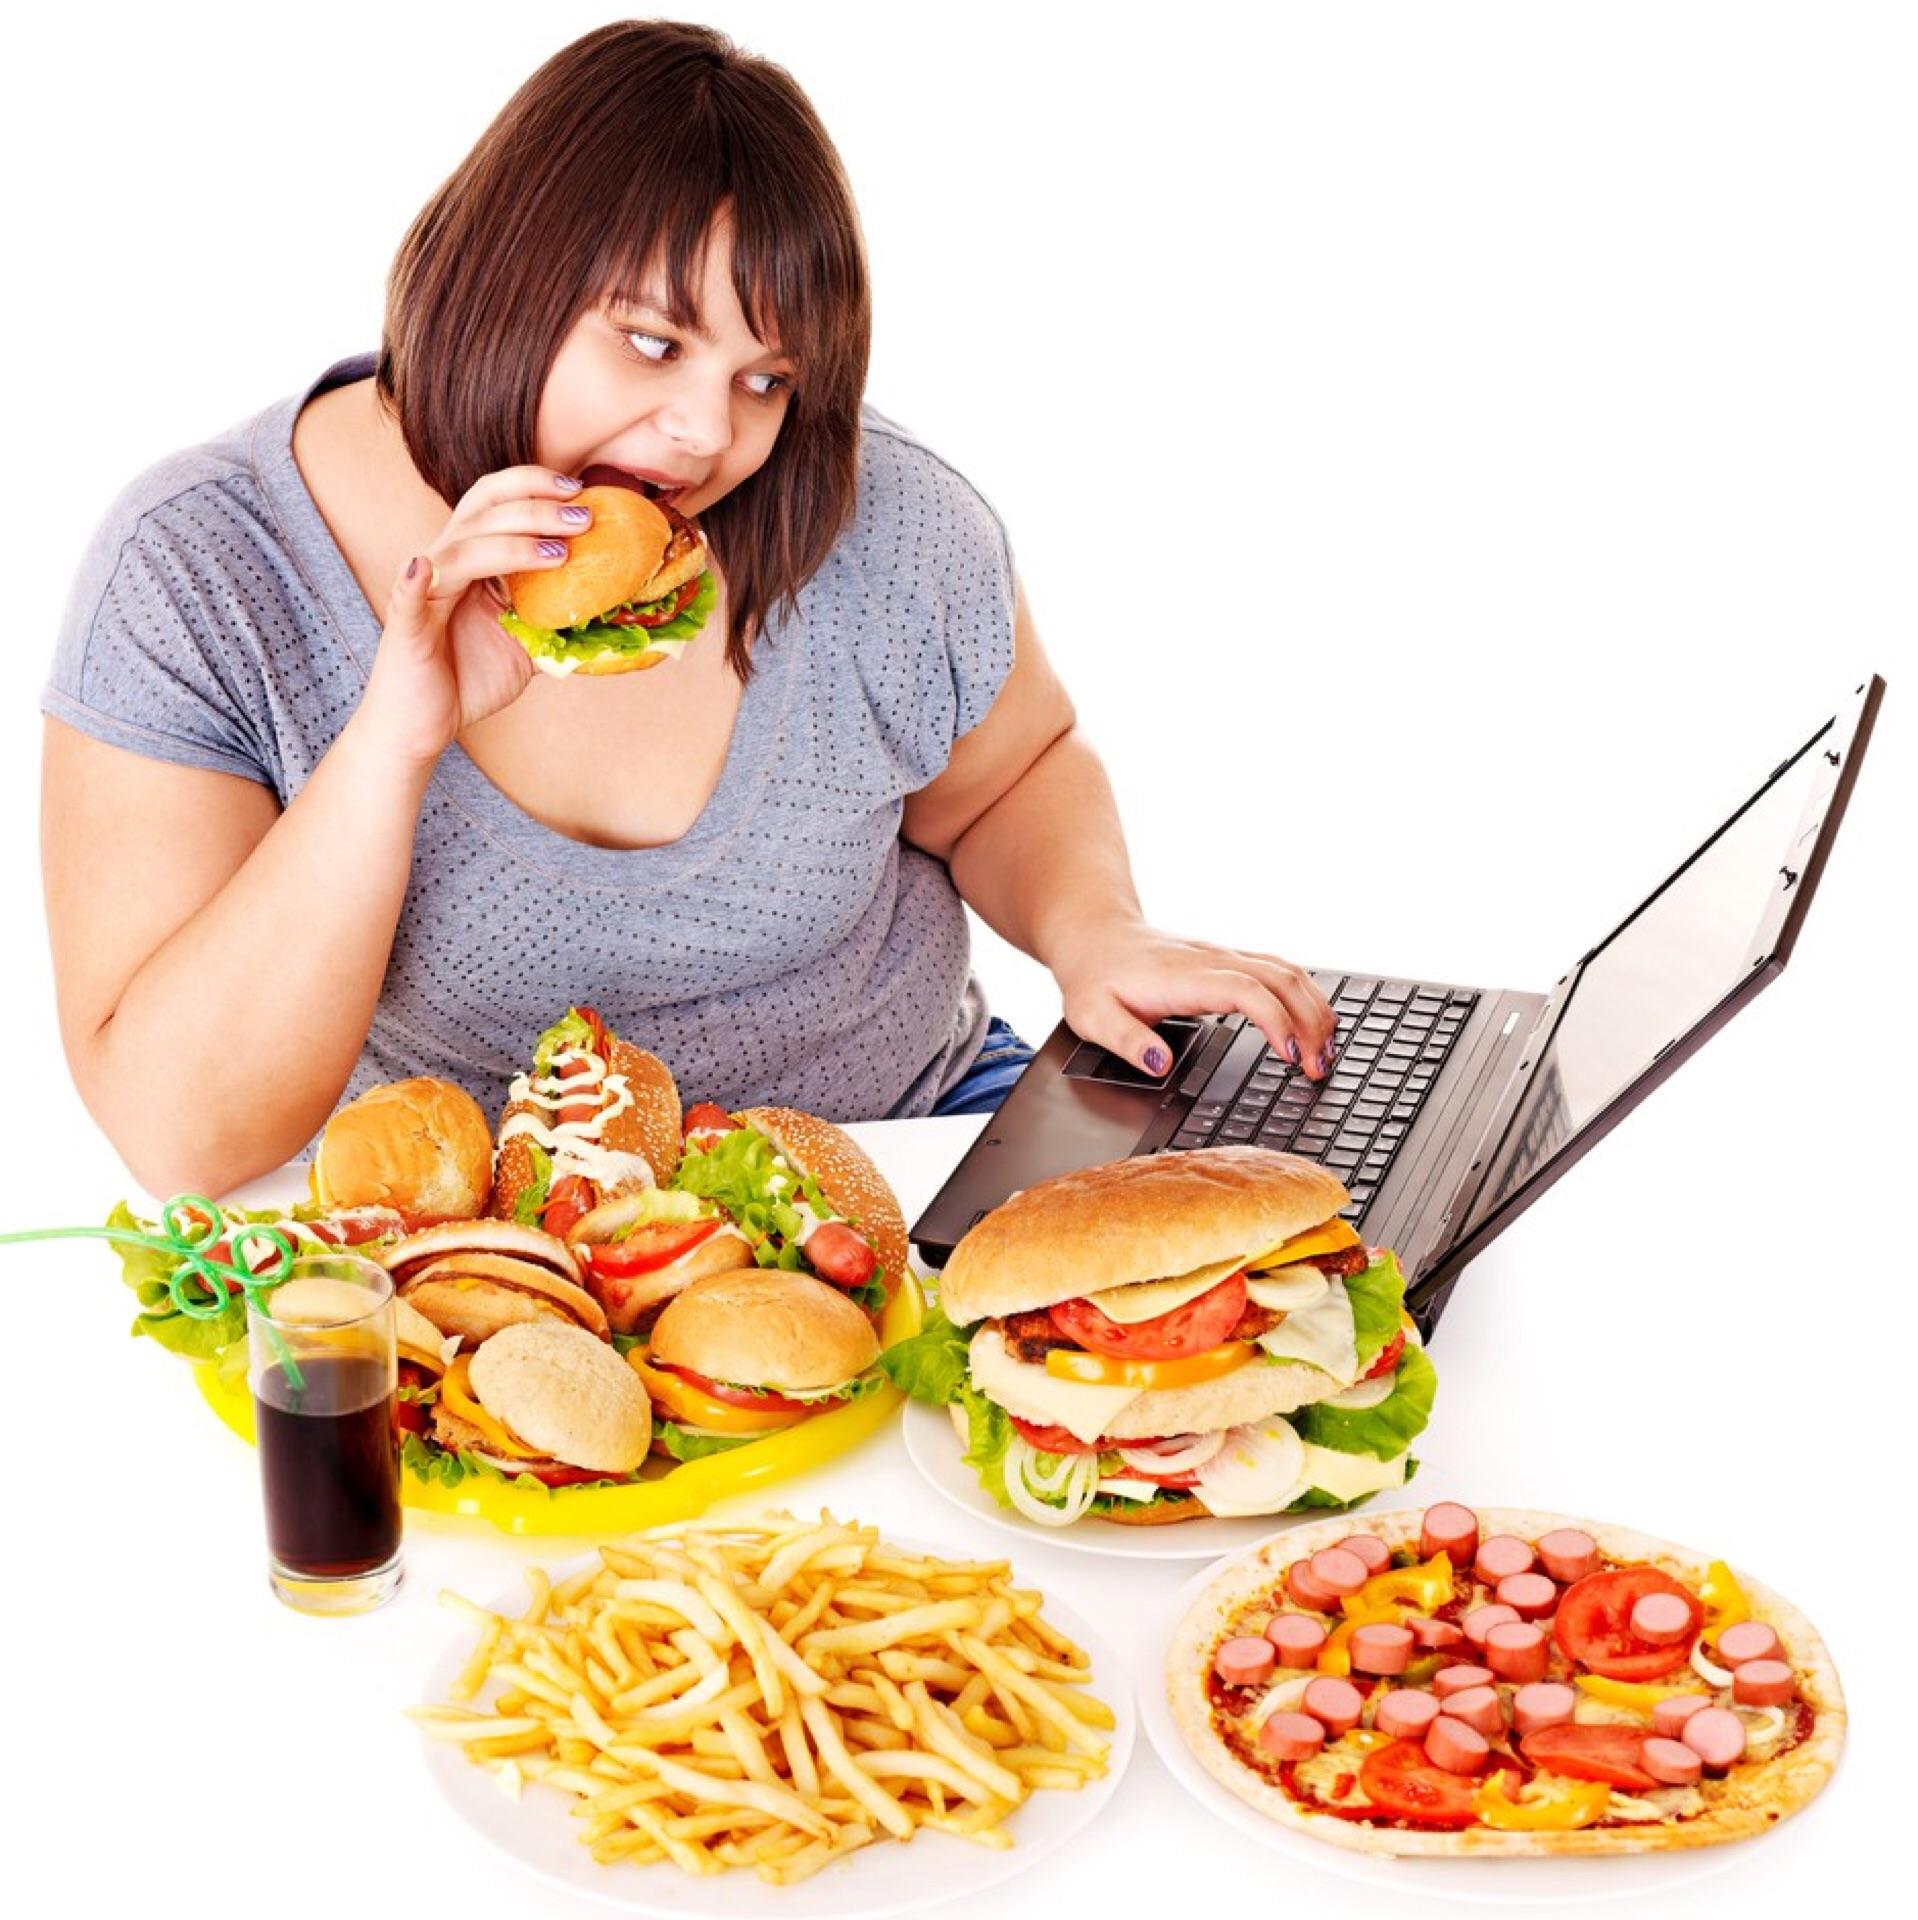 Соблюдаю Строгую Диету. Инструкция, как соблюдать диету: правильное питание, принципы, рецепты и продолжительность современных диет для начинающих